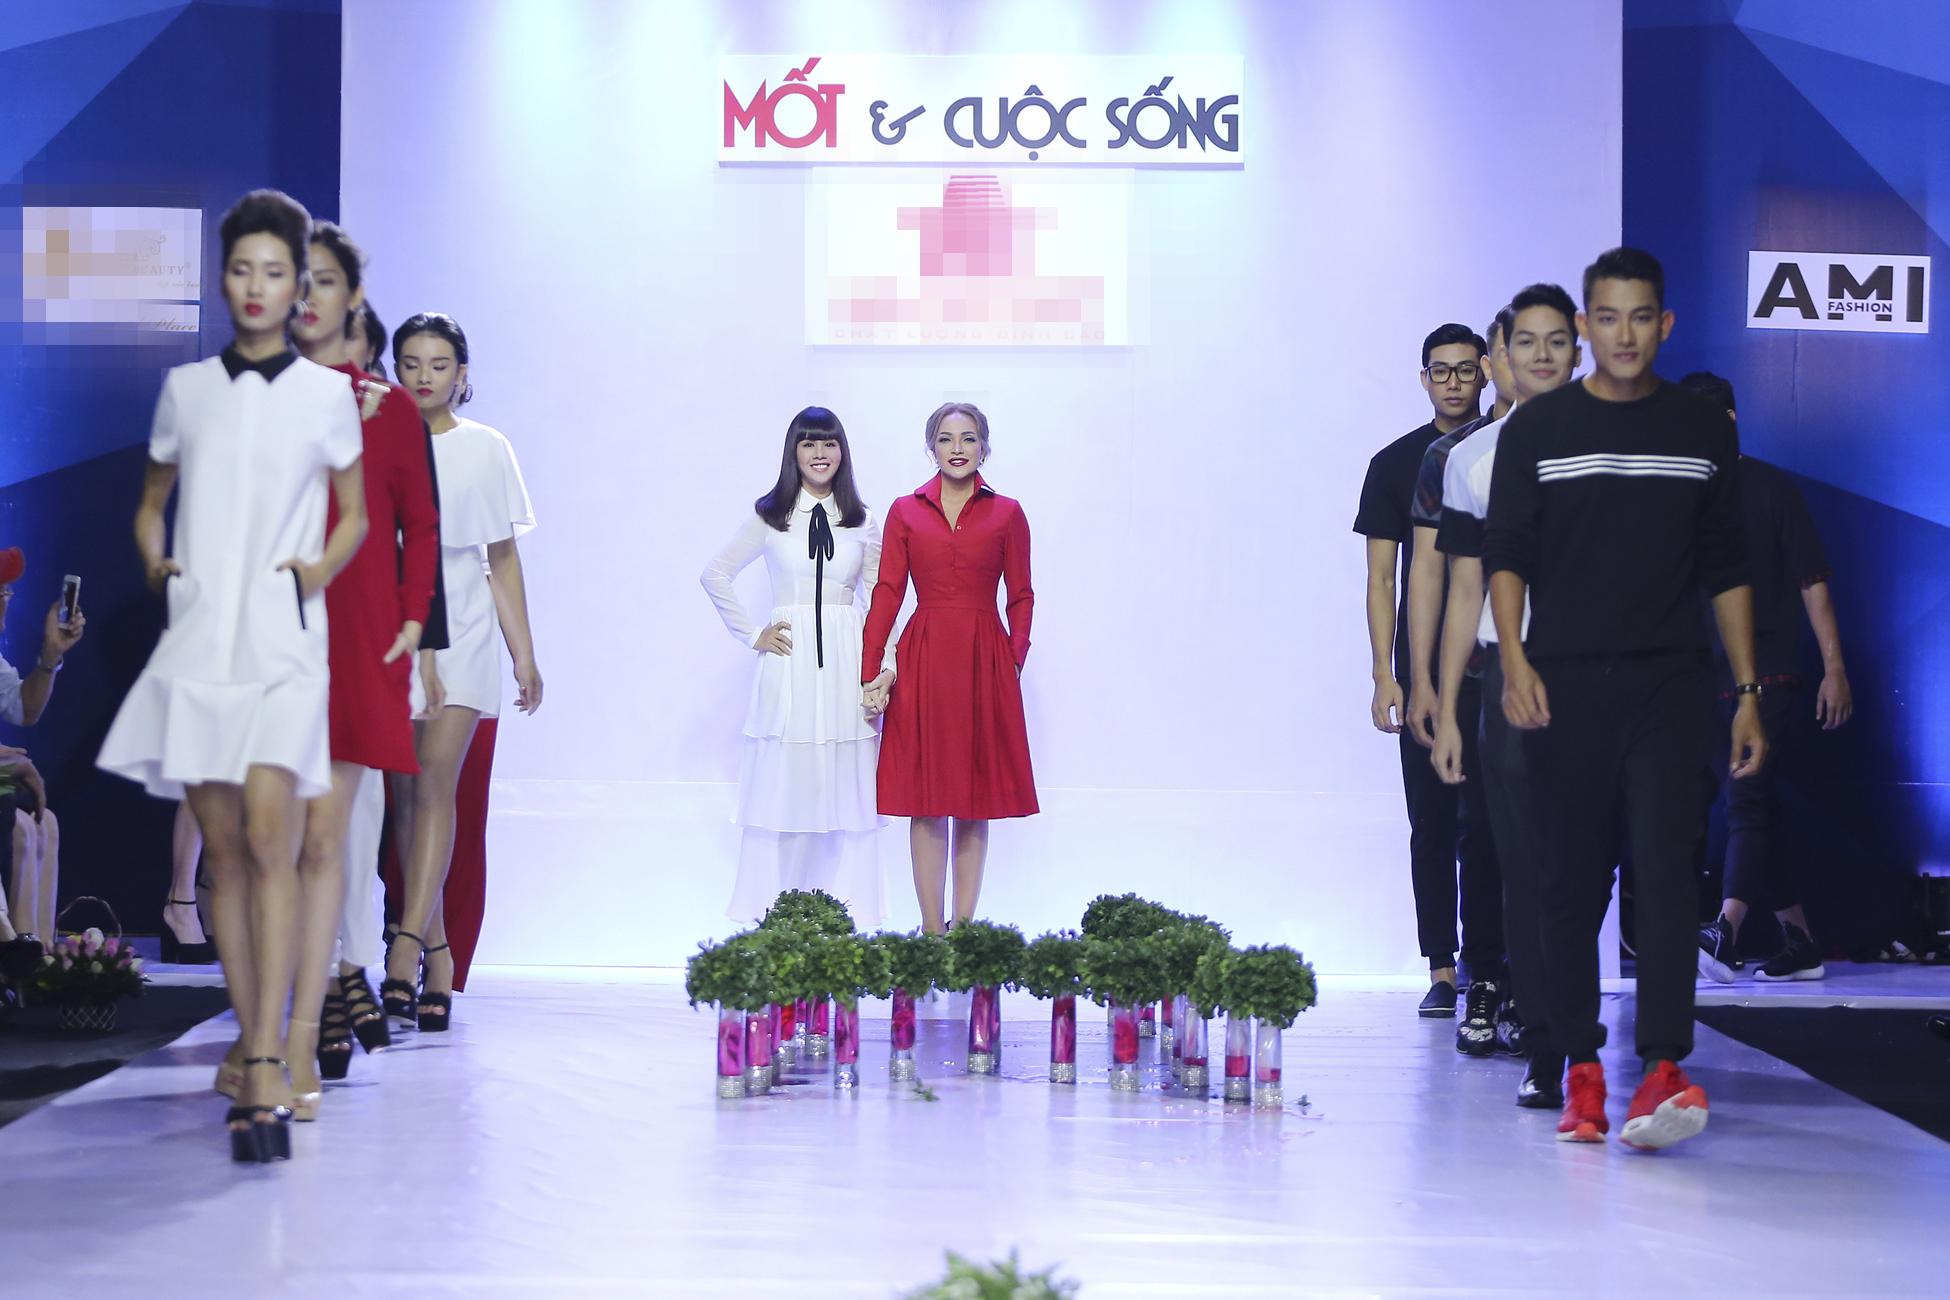 Ca sĩ Thanh Hà nắm tay hoa hậu Hằng Nguyễn trên sân khấu thời trang 3